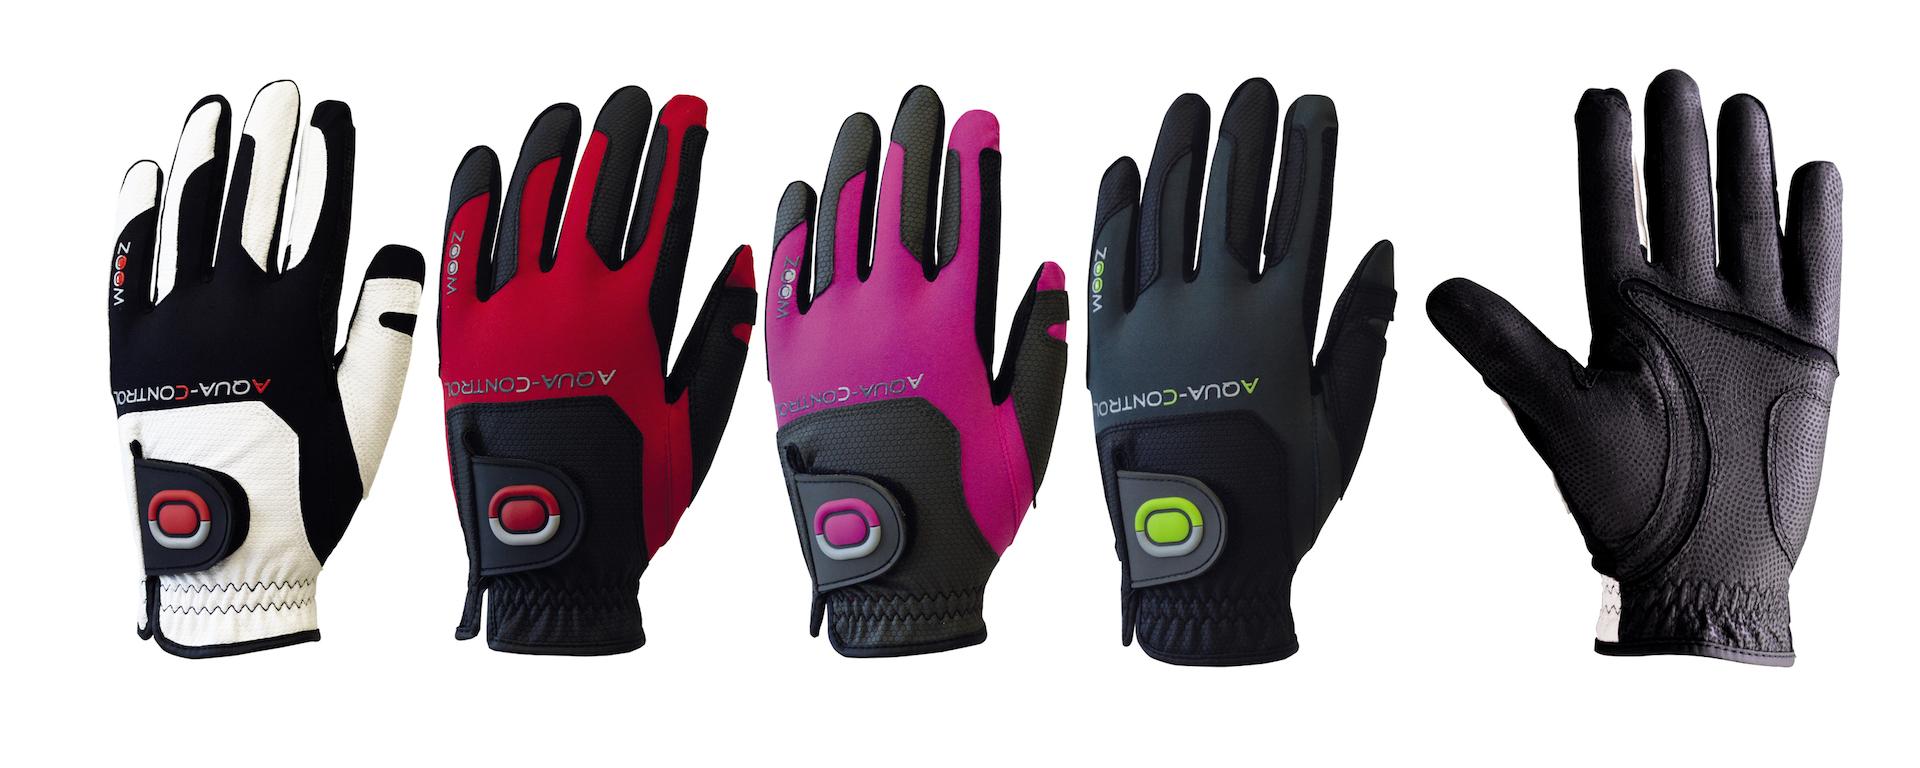 Zoom Aqua Control Glove